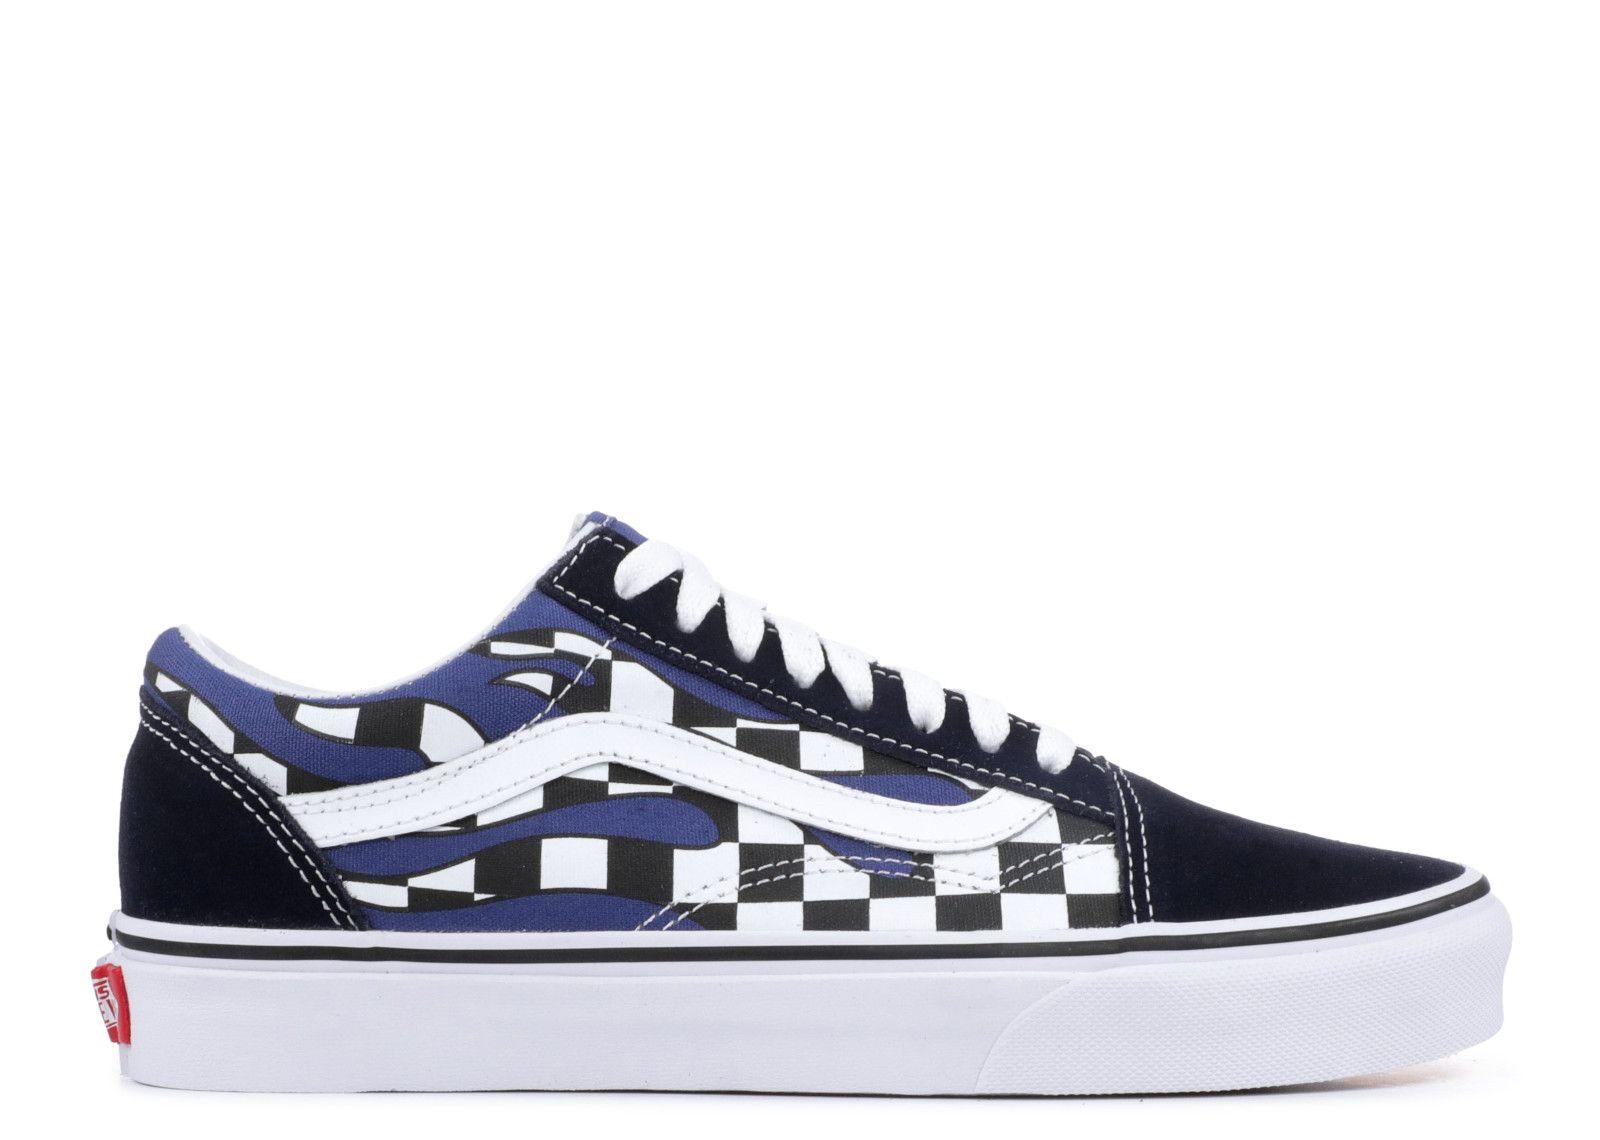 Vans Old Skool Blue & White Checkered Skate Shoes Blue, Mens Skate Shoes Mens, Skate Shoes